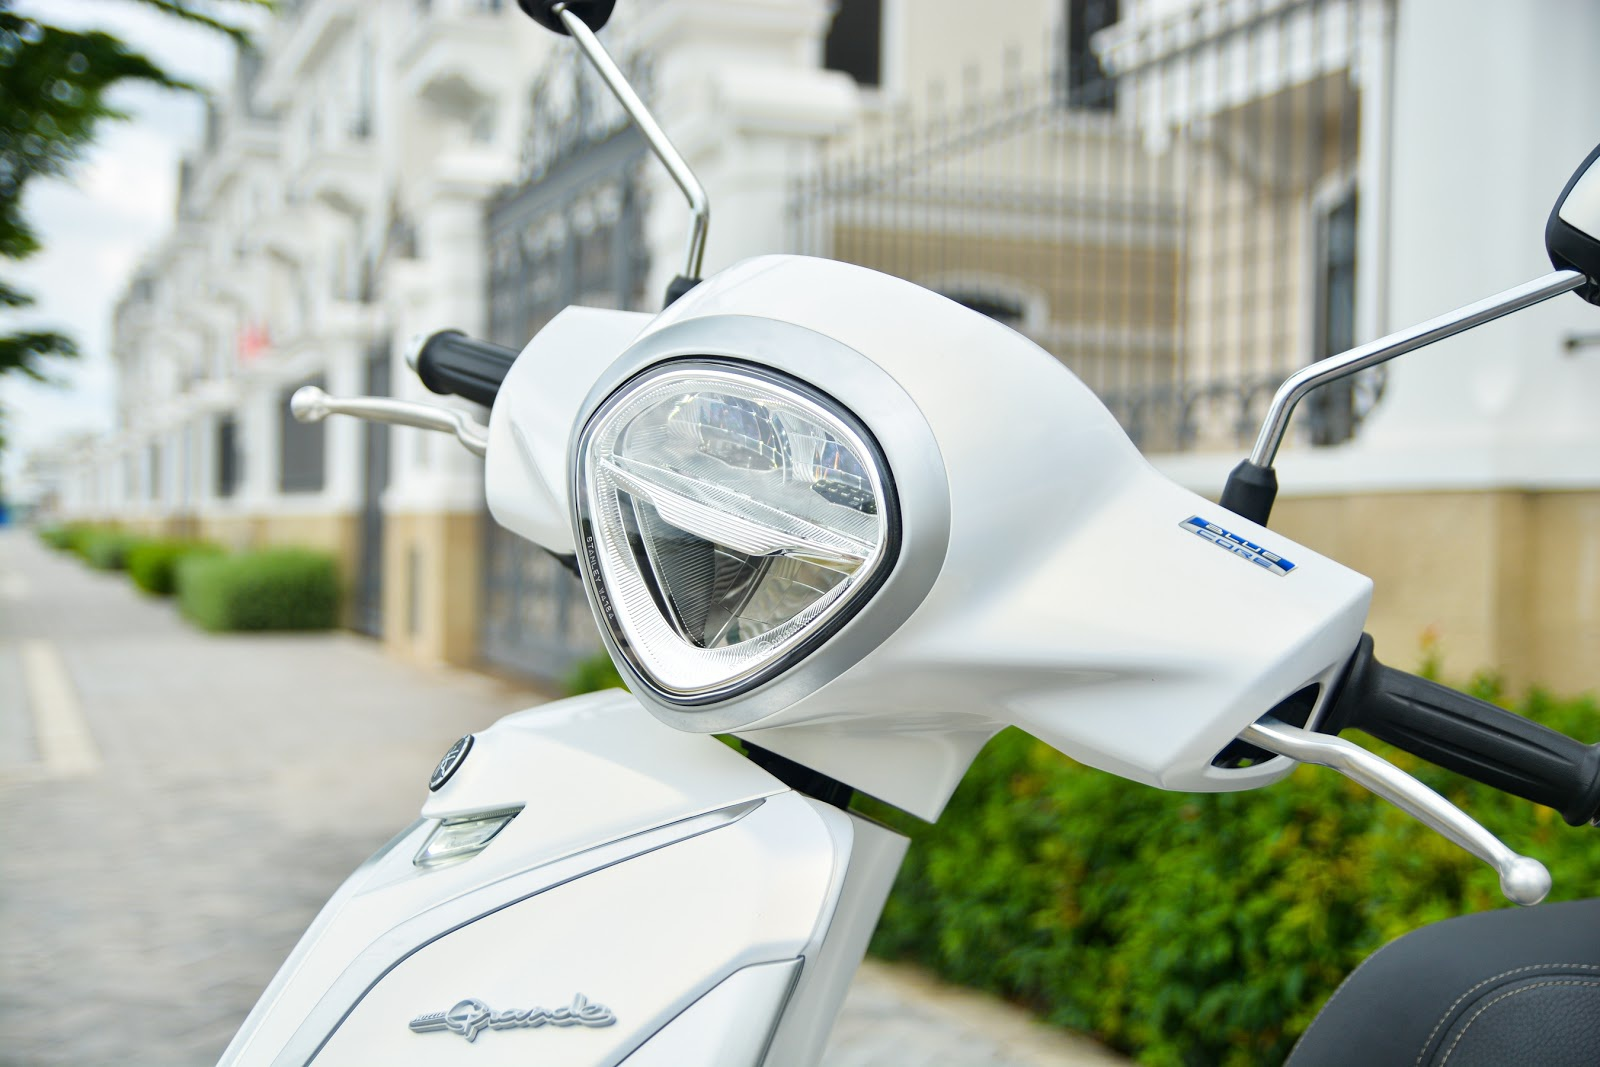 Gia lan banh tay ga 125 cc co phanh ABS anh 9